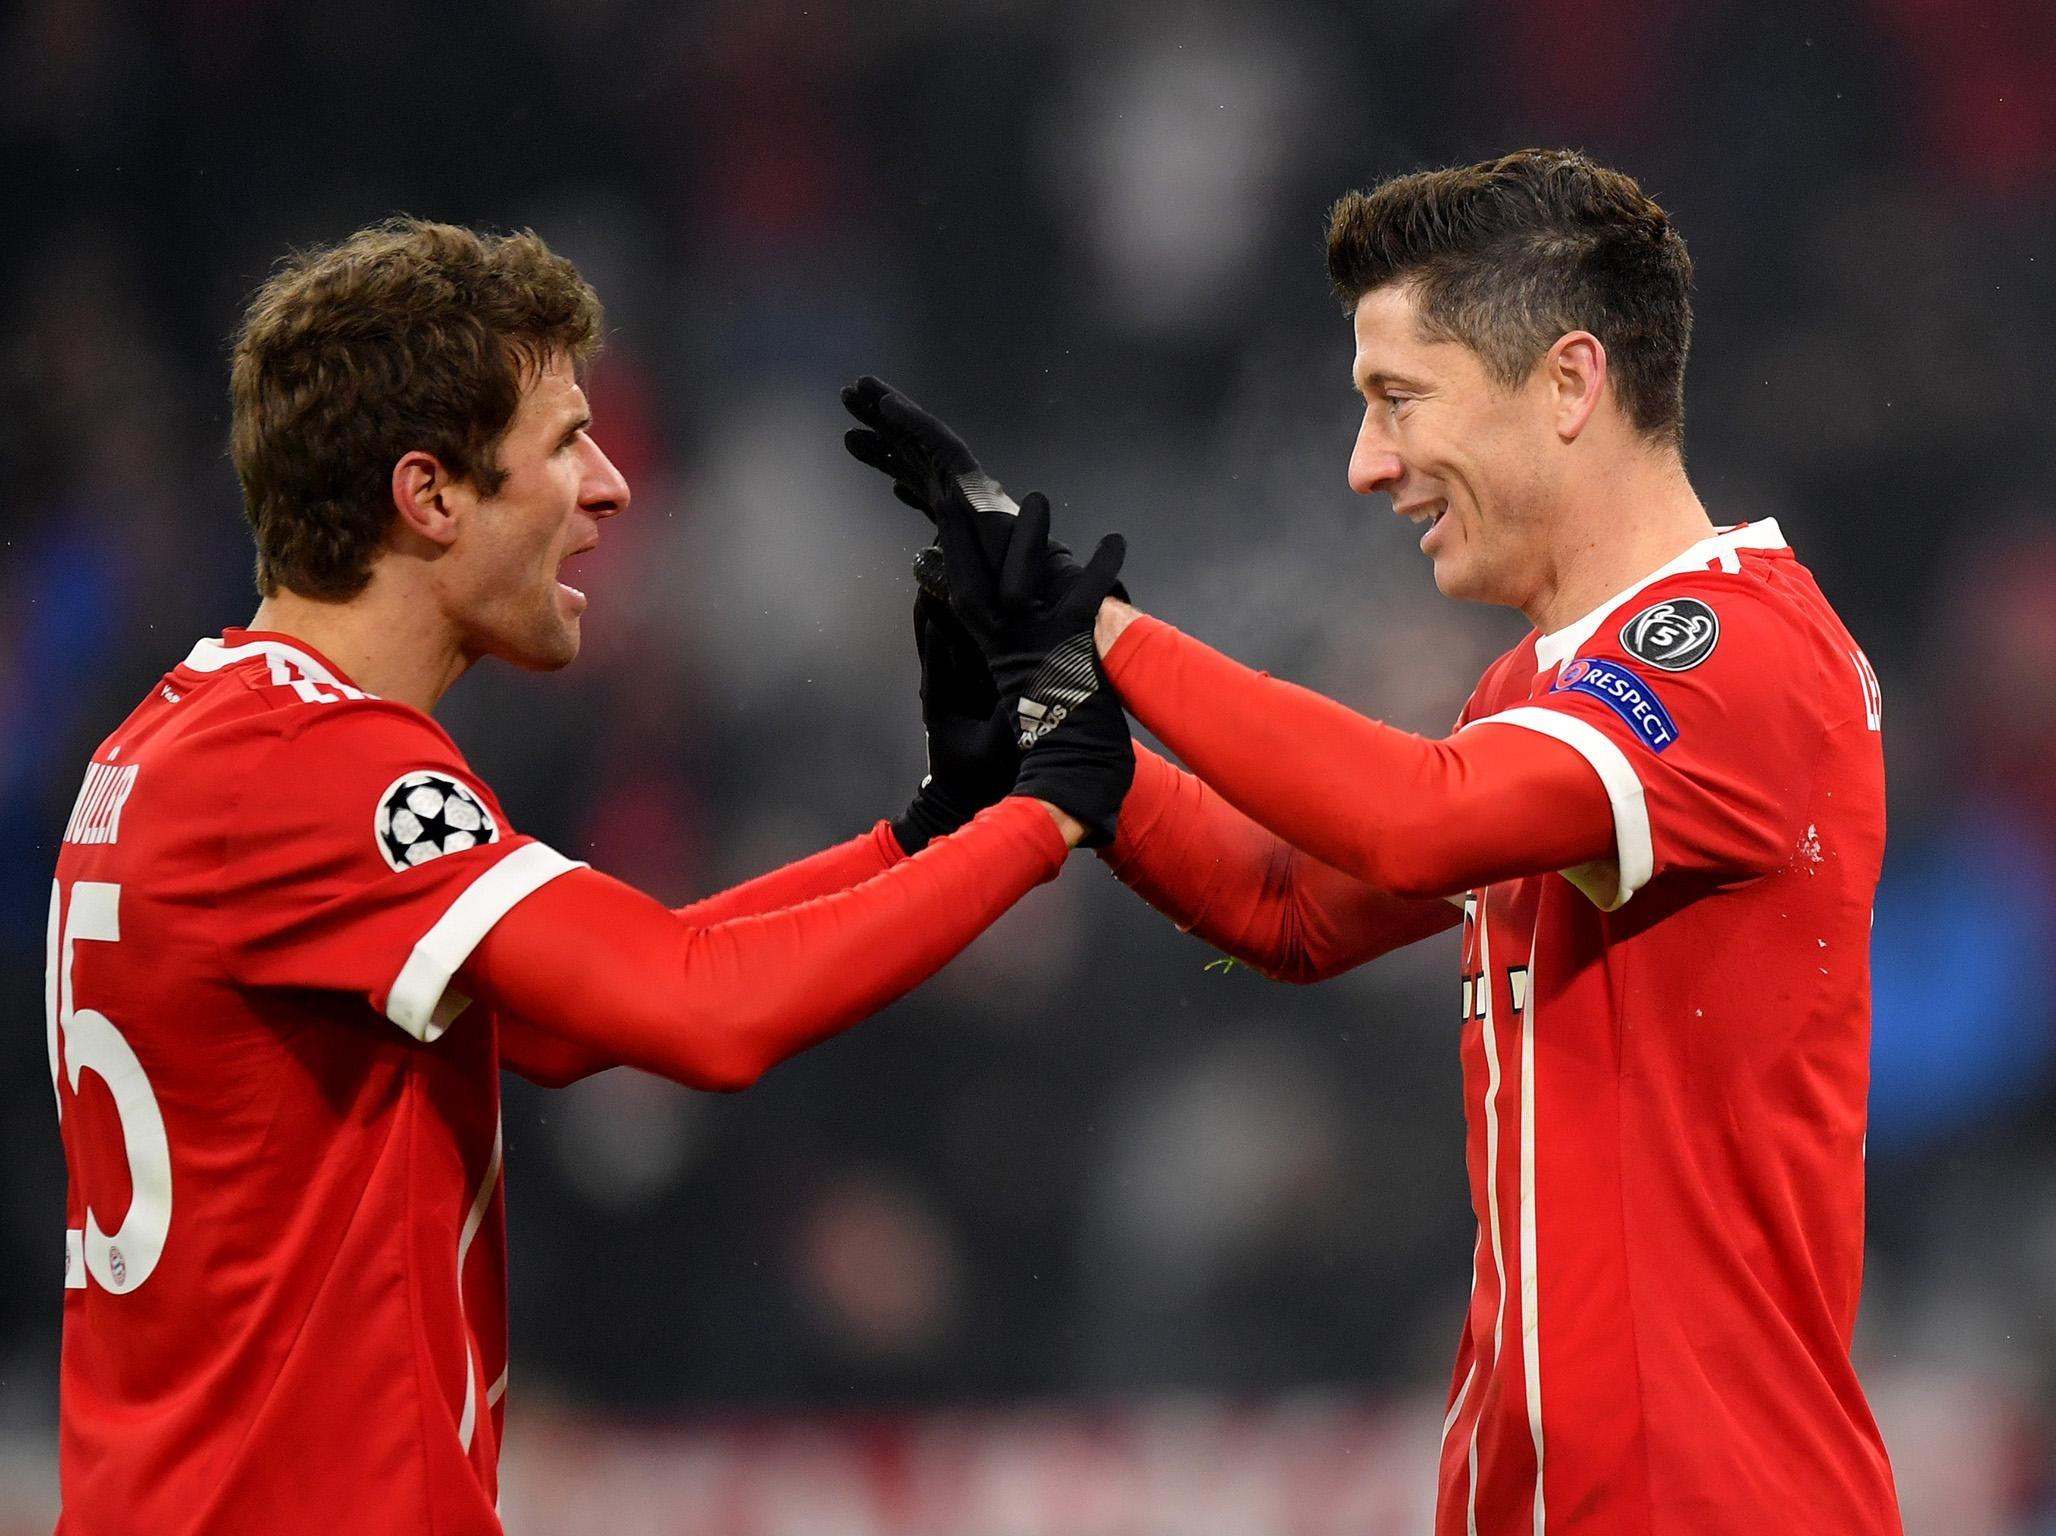 Niespodzianki nie było. Bayern Monachium w finale Ligi Mistrzów!